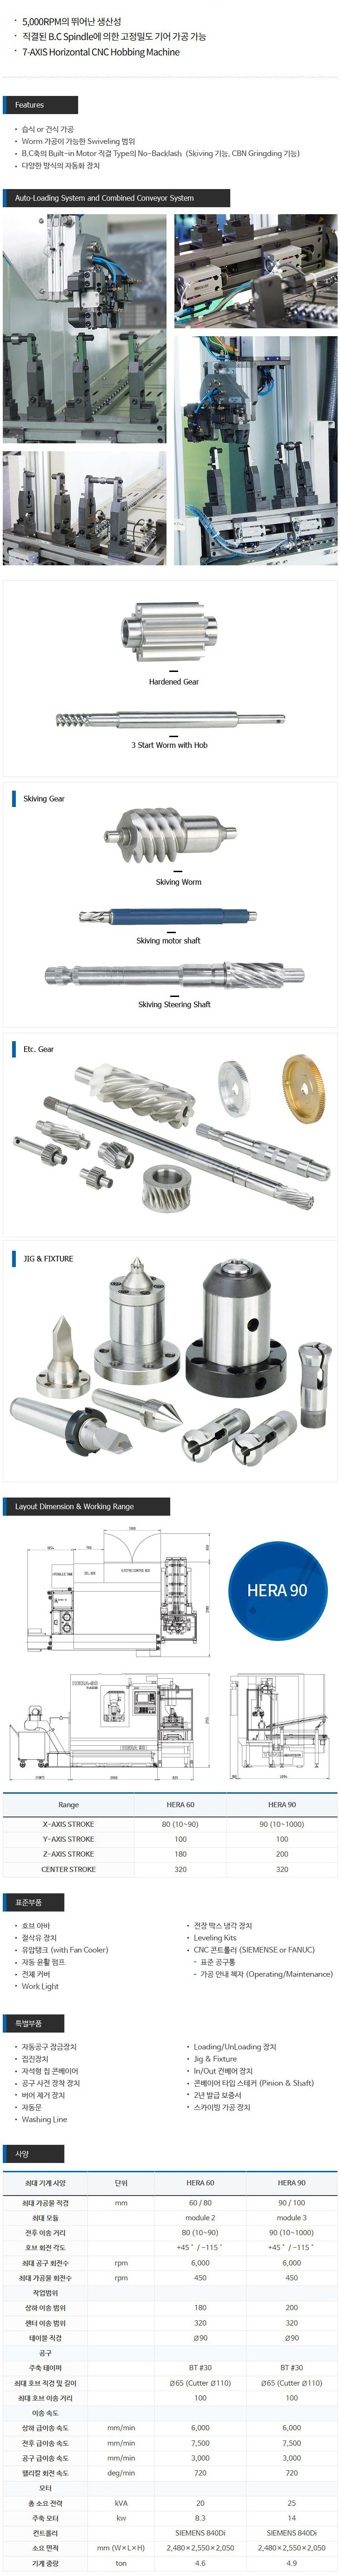 연일기계 CNC Gear Hobbing Machine HERA 90 1